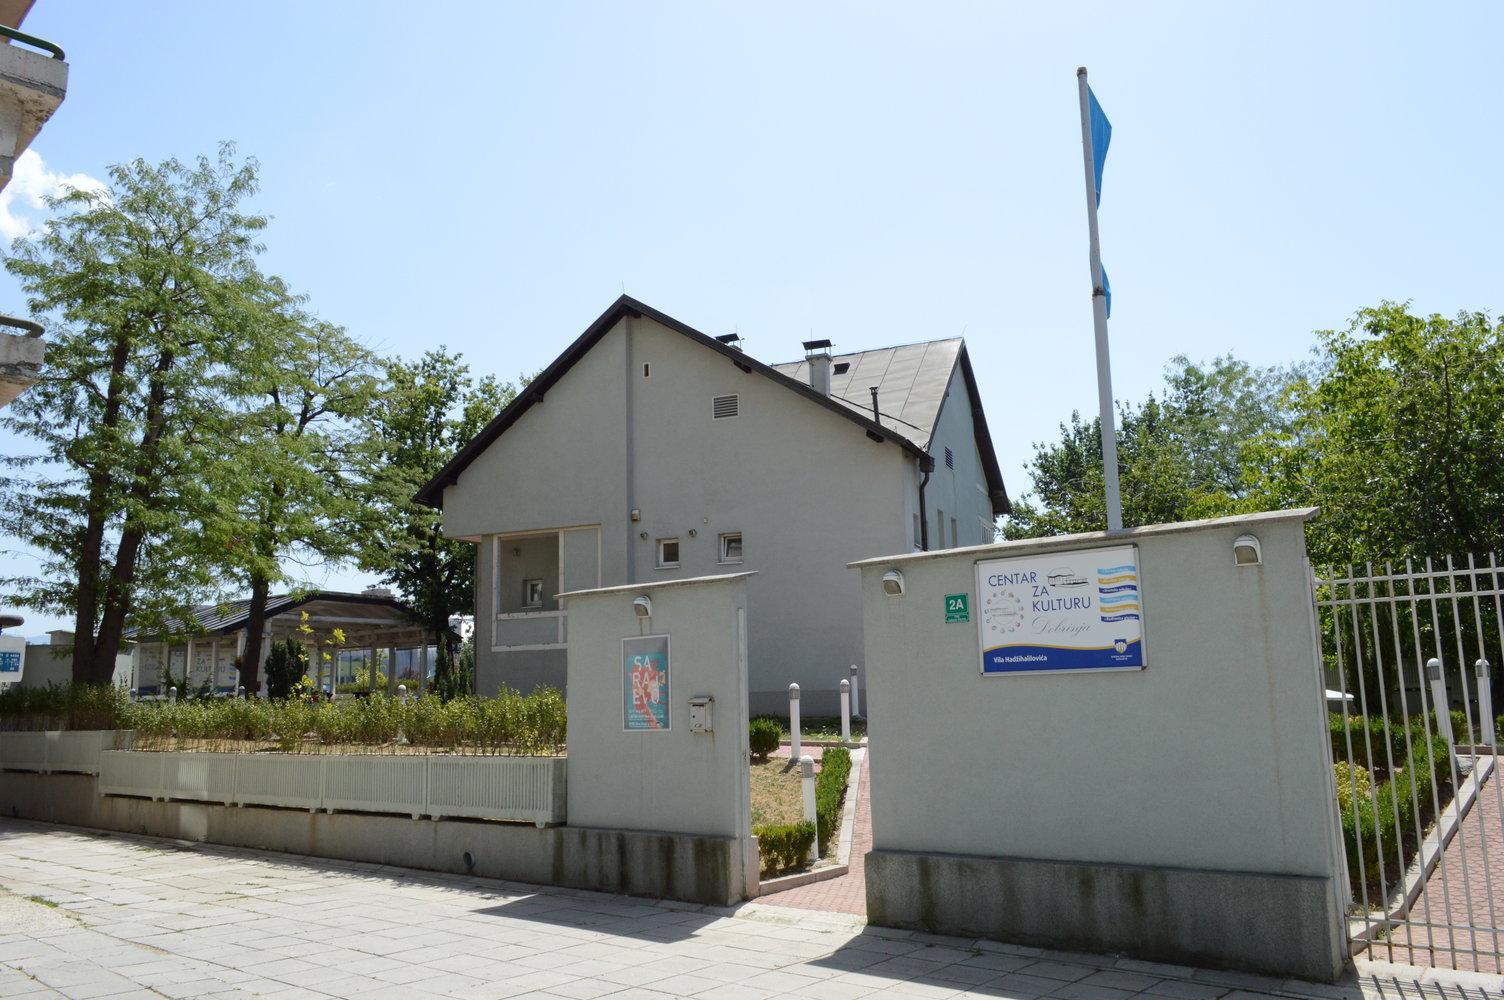 Vila Hadžihalilovića - Dobrinja u kojoj se nalazi Centar za kulturu